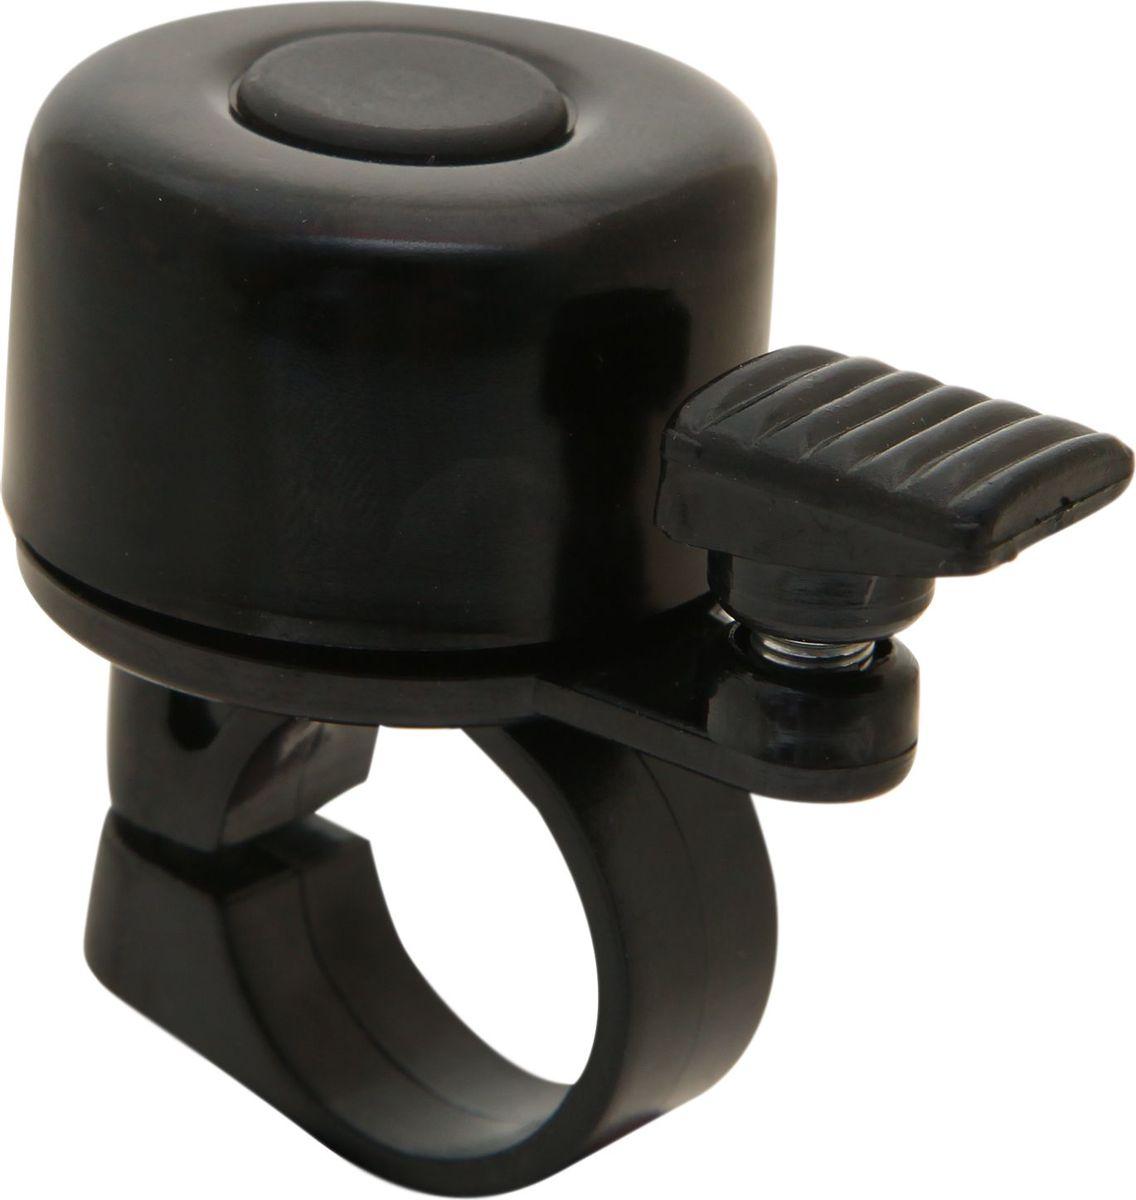 Звонок велосипедный STG 11A-05, цвет: черныйХ47239Звонок предупредит пешеходов и других велосипедистов о вашем приближении, а также обеспечит безопасность вашего движения. Звонок предназначен для крепления на руль и подойдет не только для велосипедов, но и для самокатов.